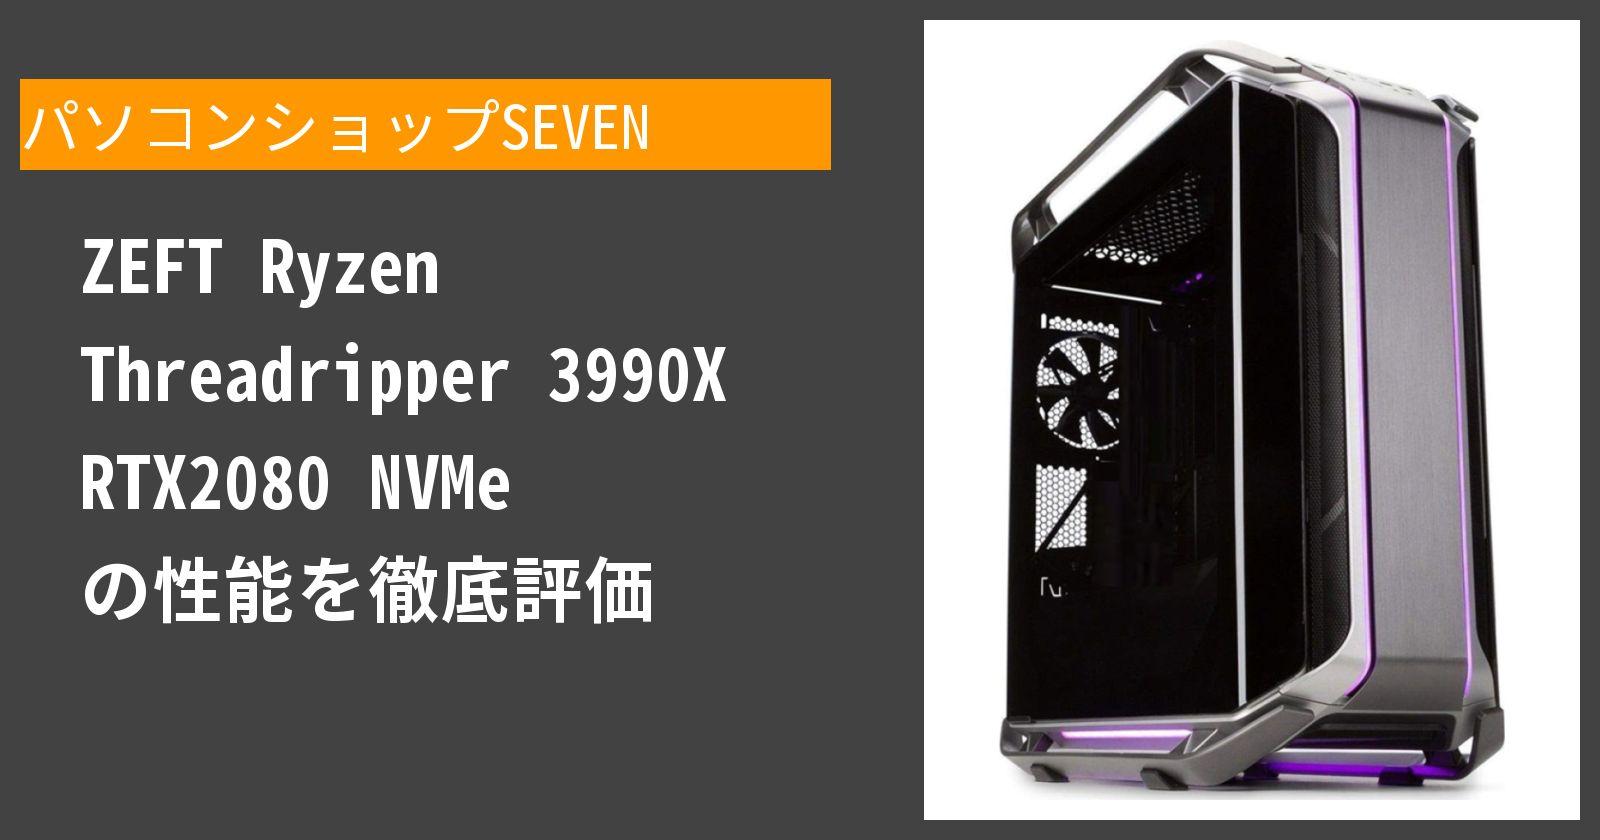 ZEFT Ryzen Threadripper 3990X RTX2080 NVMe の性能を徹底評価